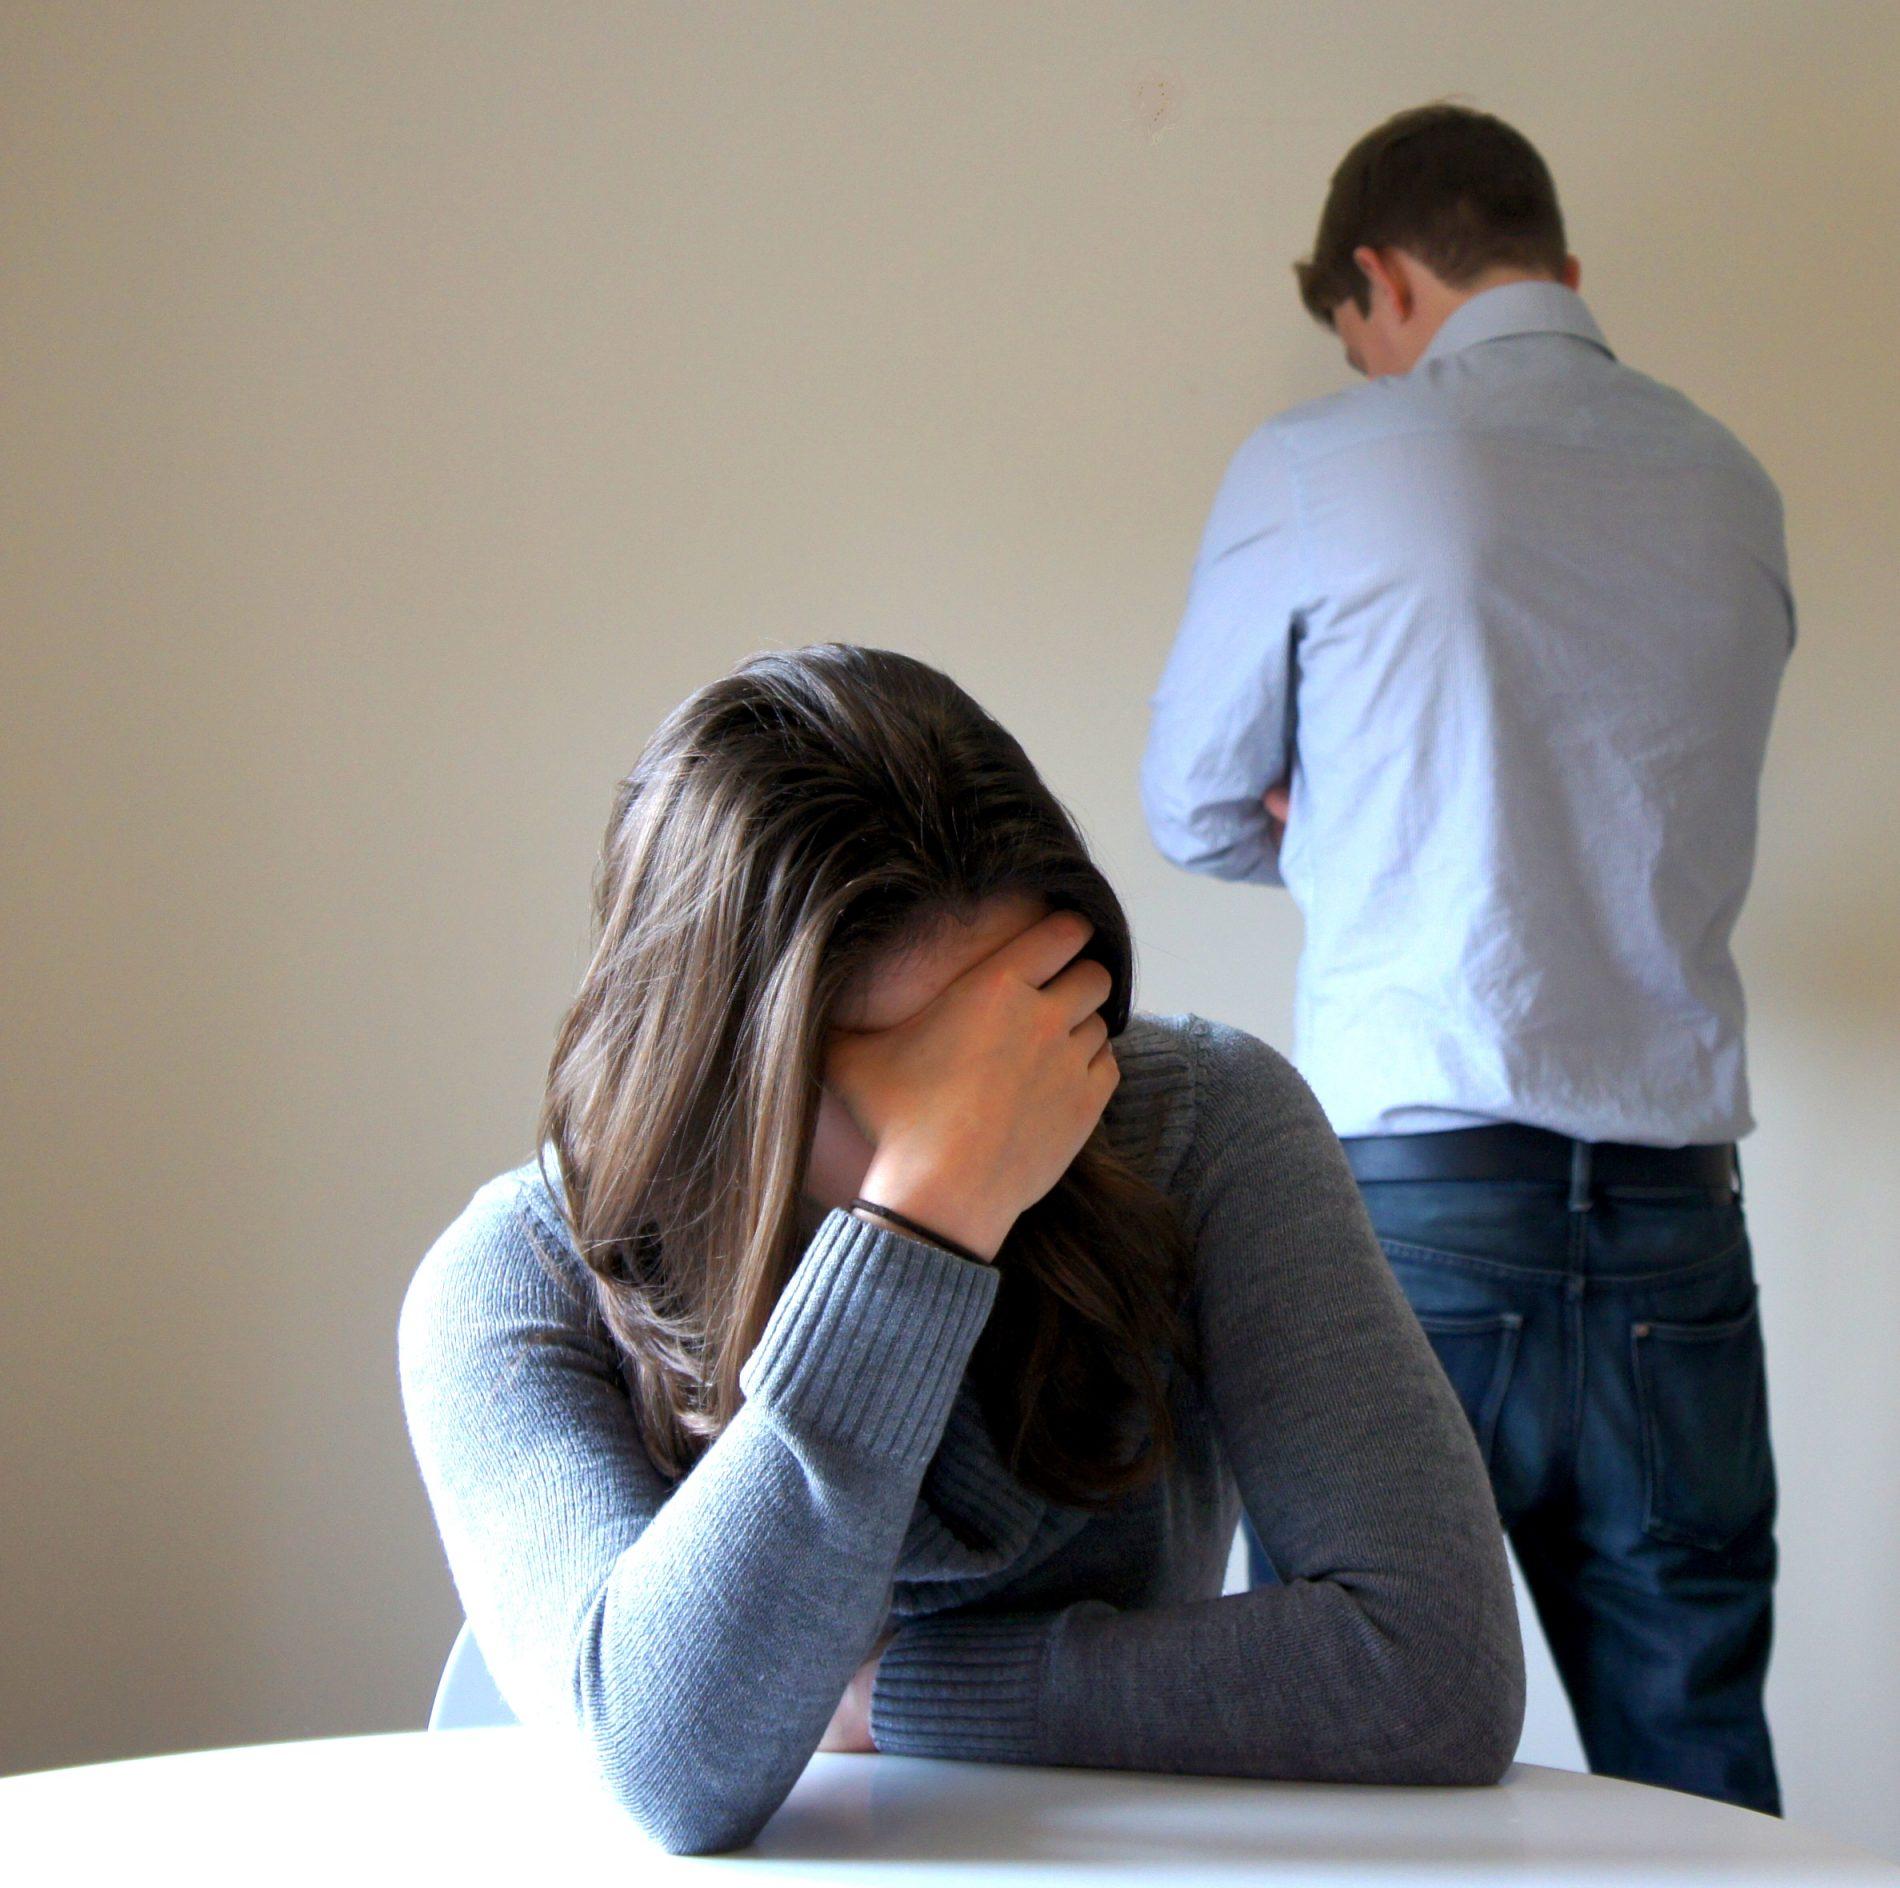 позволяла мужчинам картинки грустные муж изменял жене решетчатые